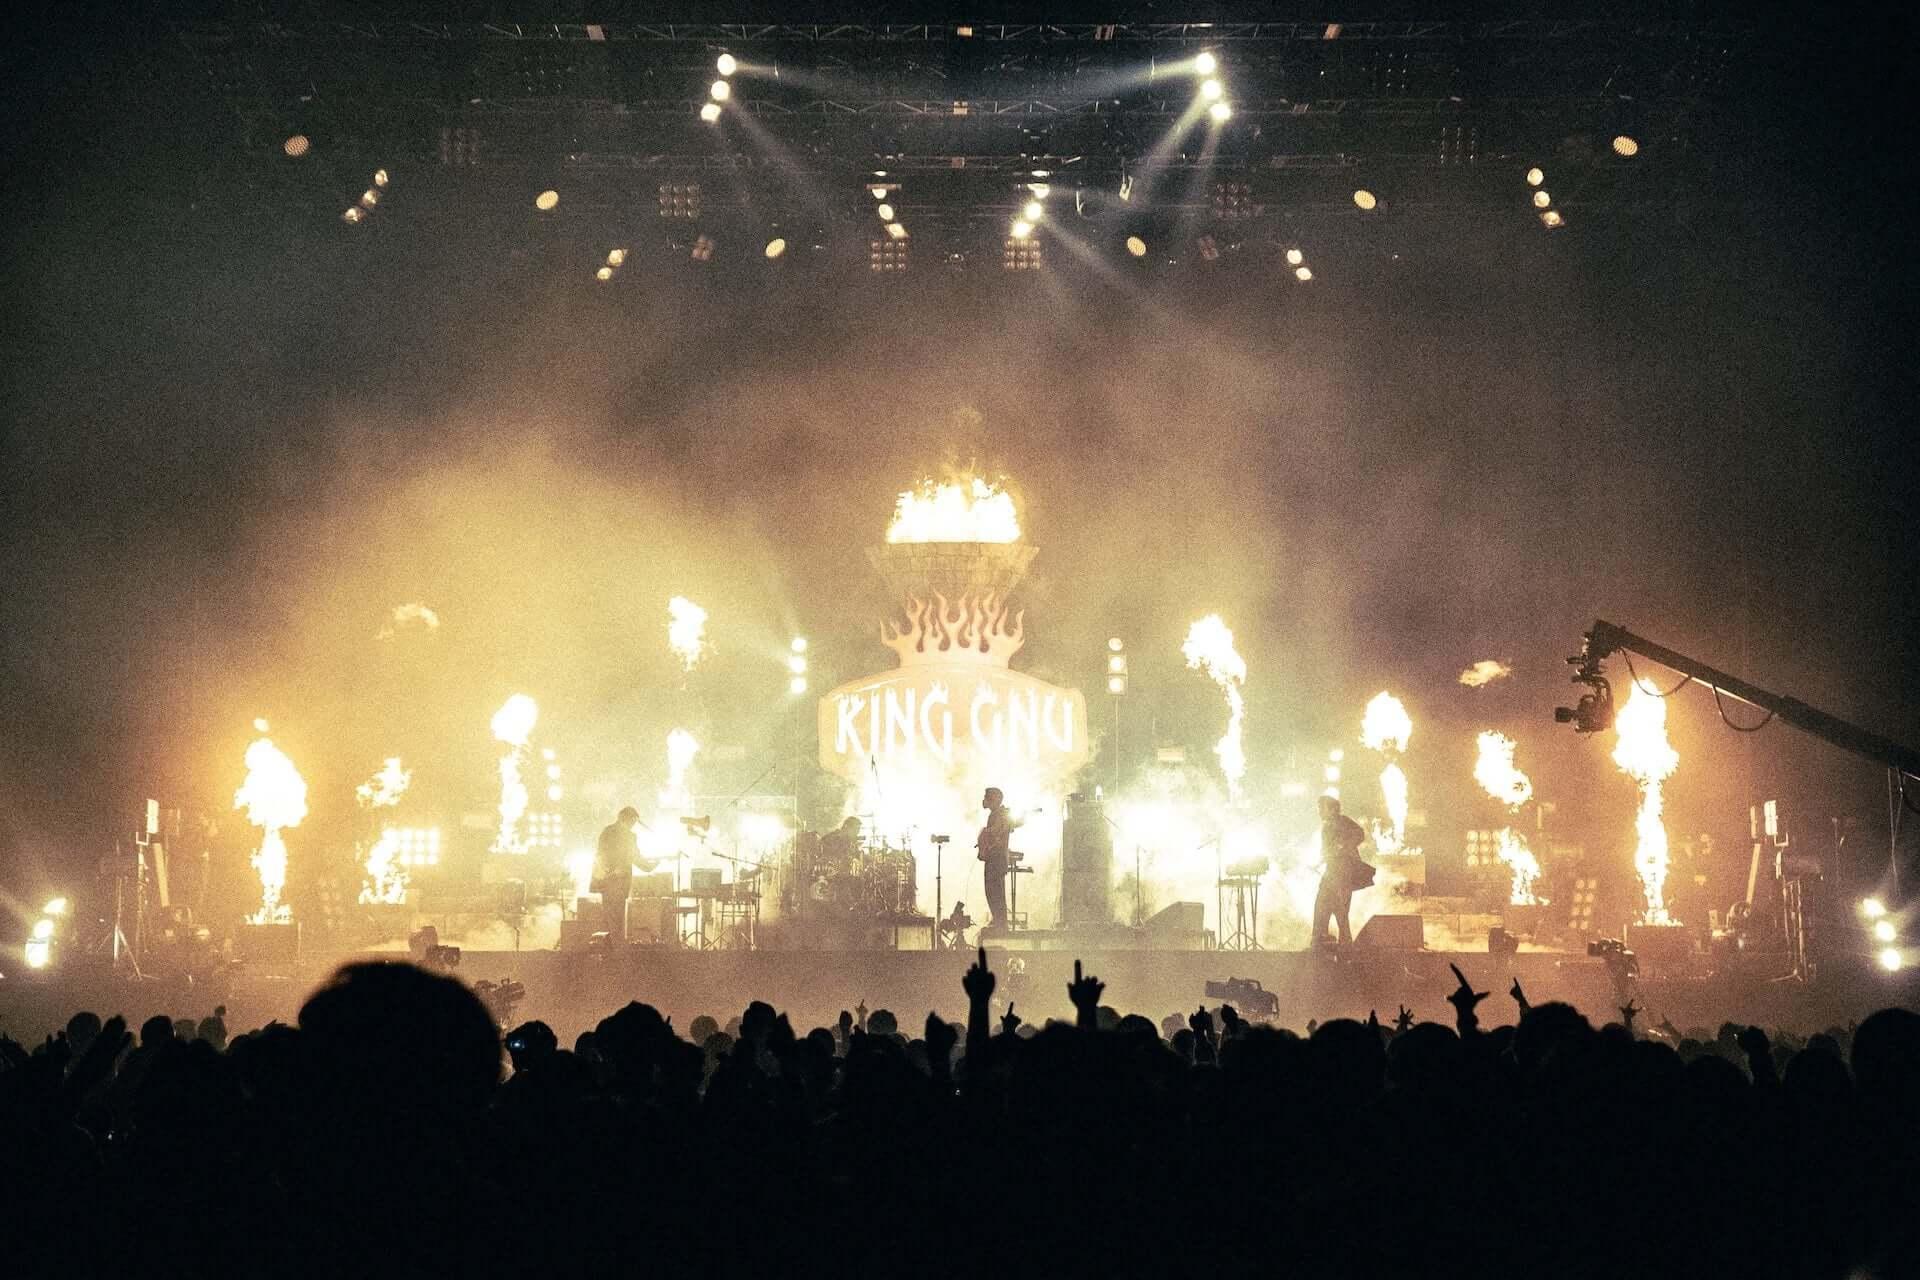 """King Gnu初のアリーナツアー、幕張メッセでは新曲""""千両役者""""も披露!ファイナル公演のライブレポートが到着 music201207_kinggnu_10-1920x1280"""